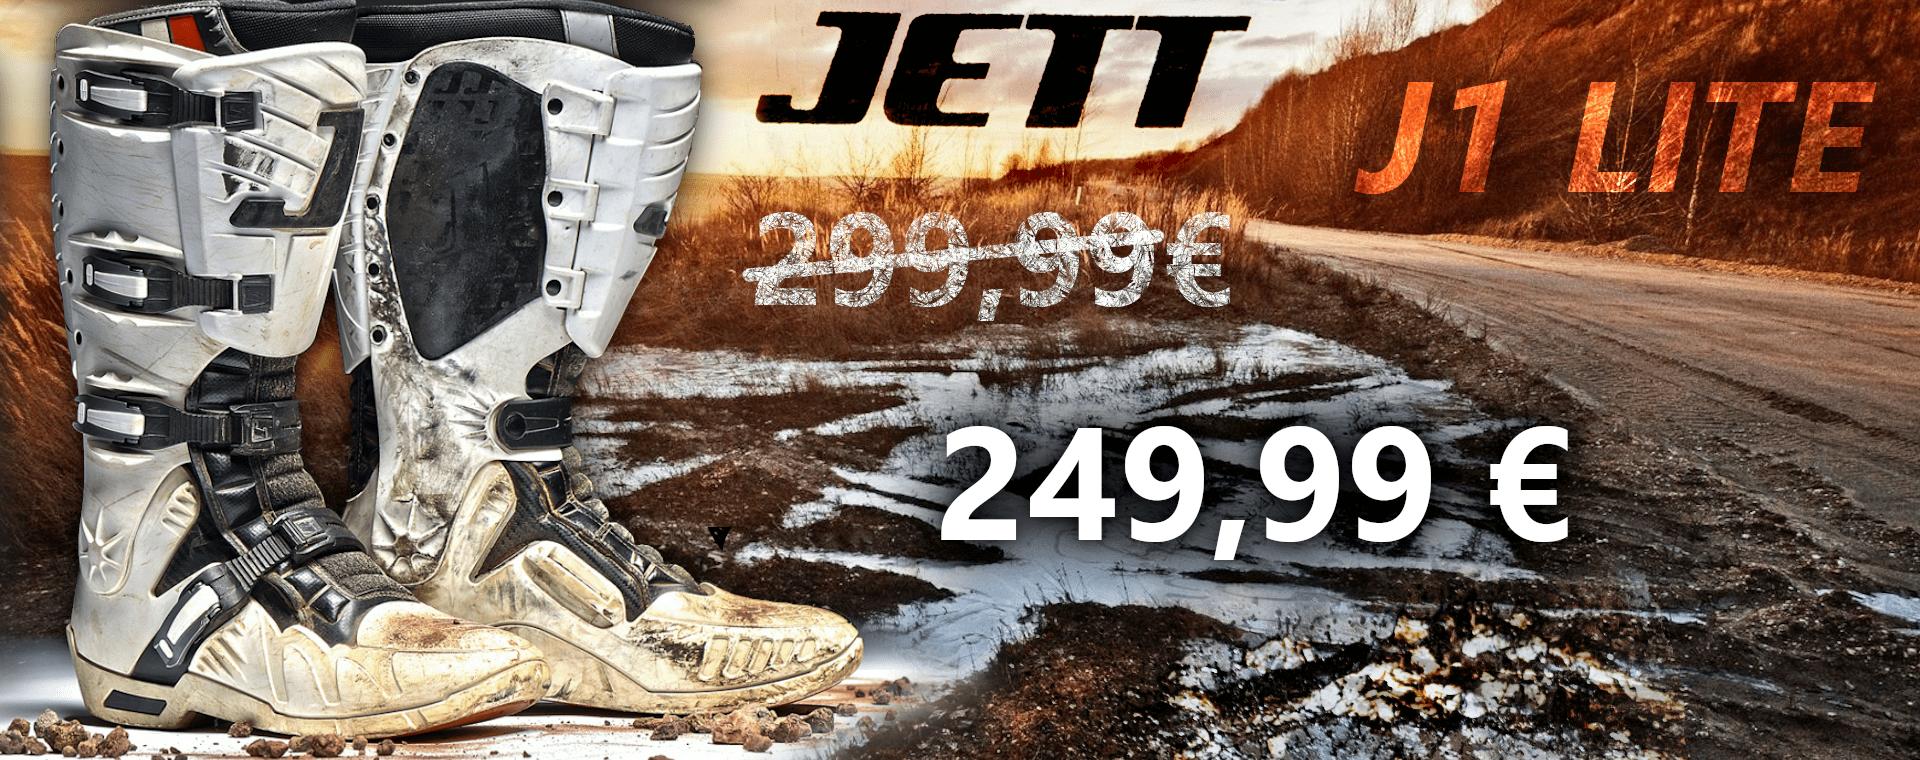 Jett Lite